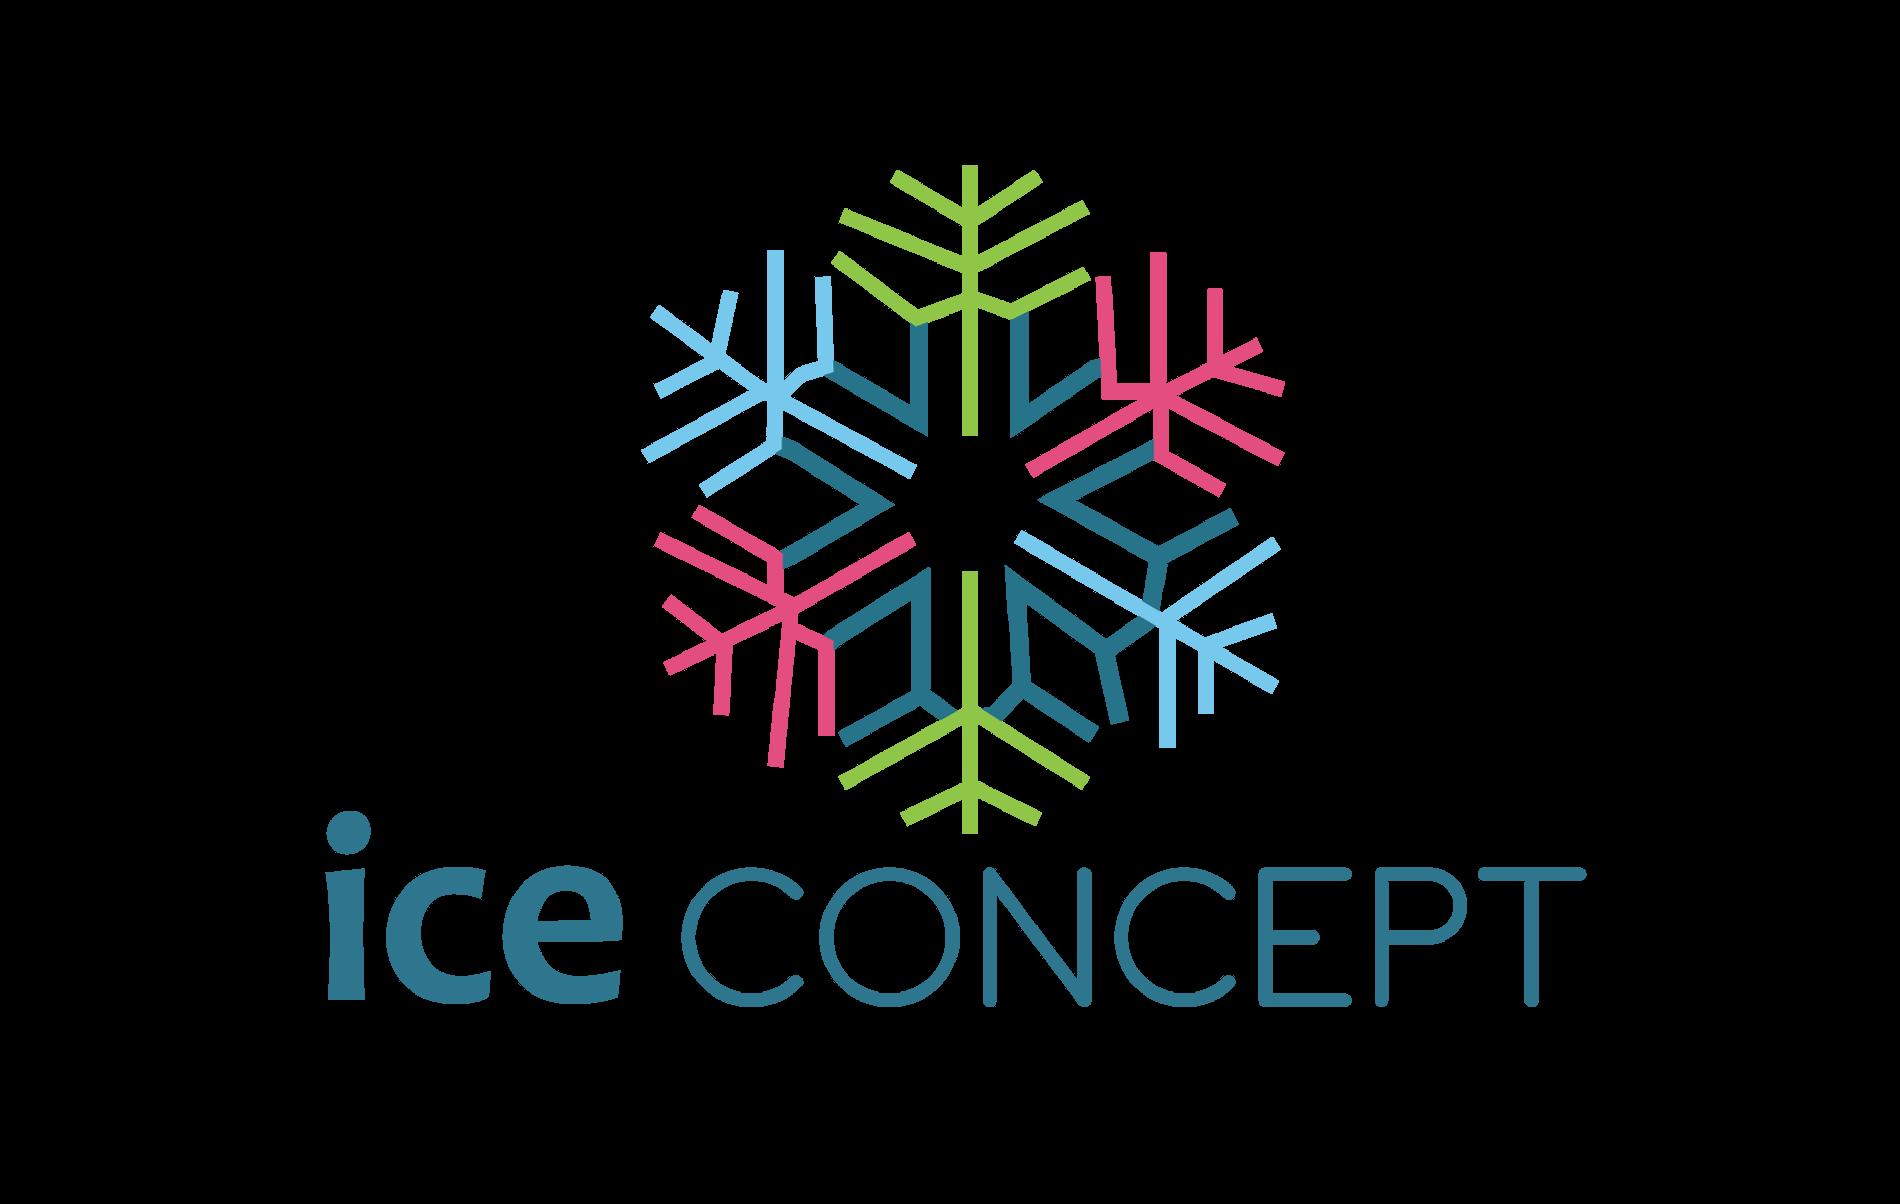 Ice-concept